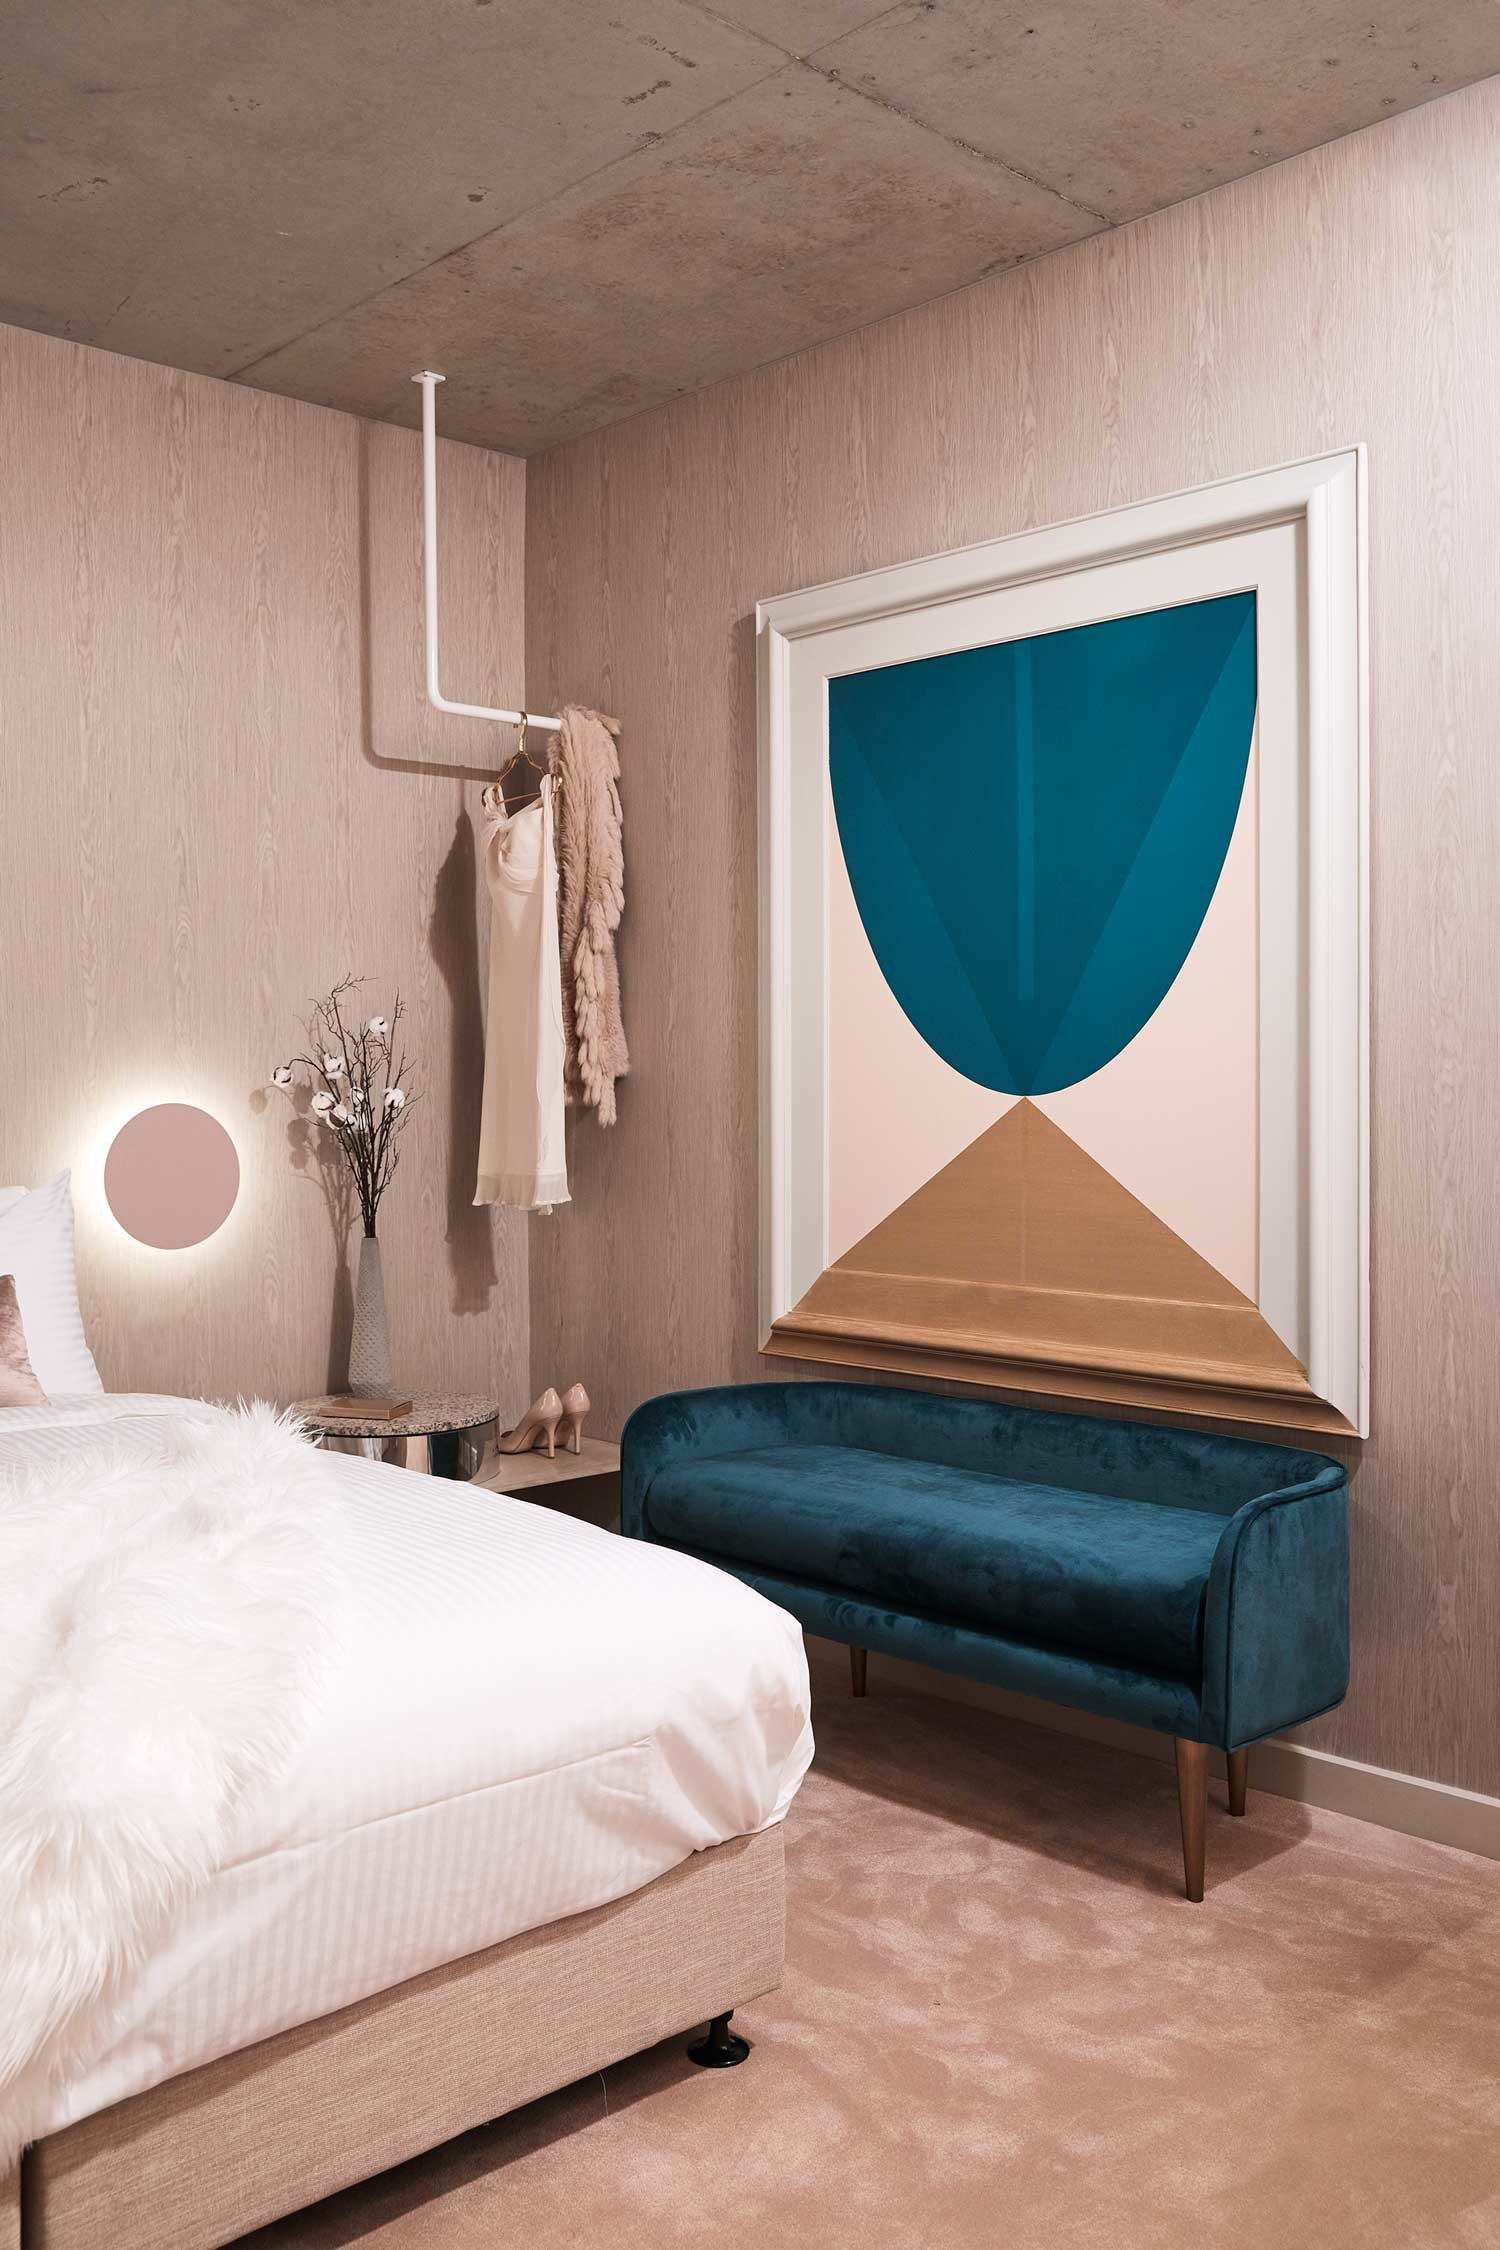 Отель Collectionist: современное искусство и авторский декор (галерея 8, фото 4)